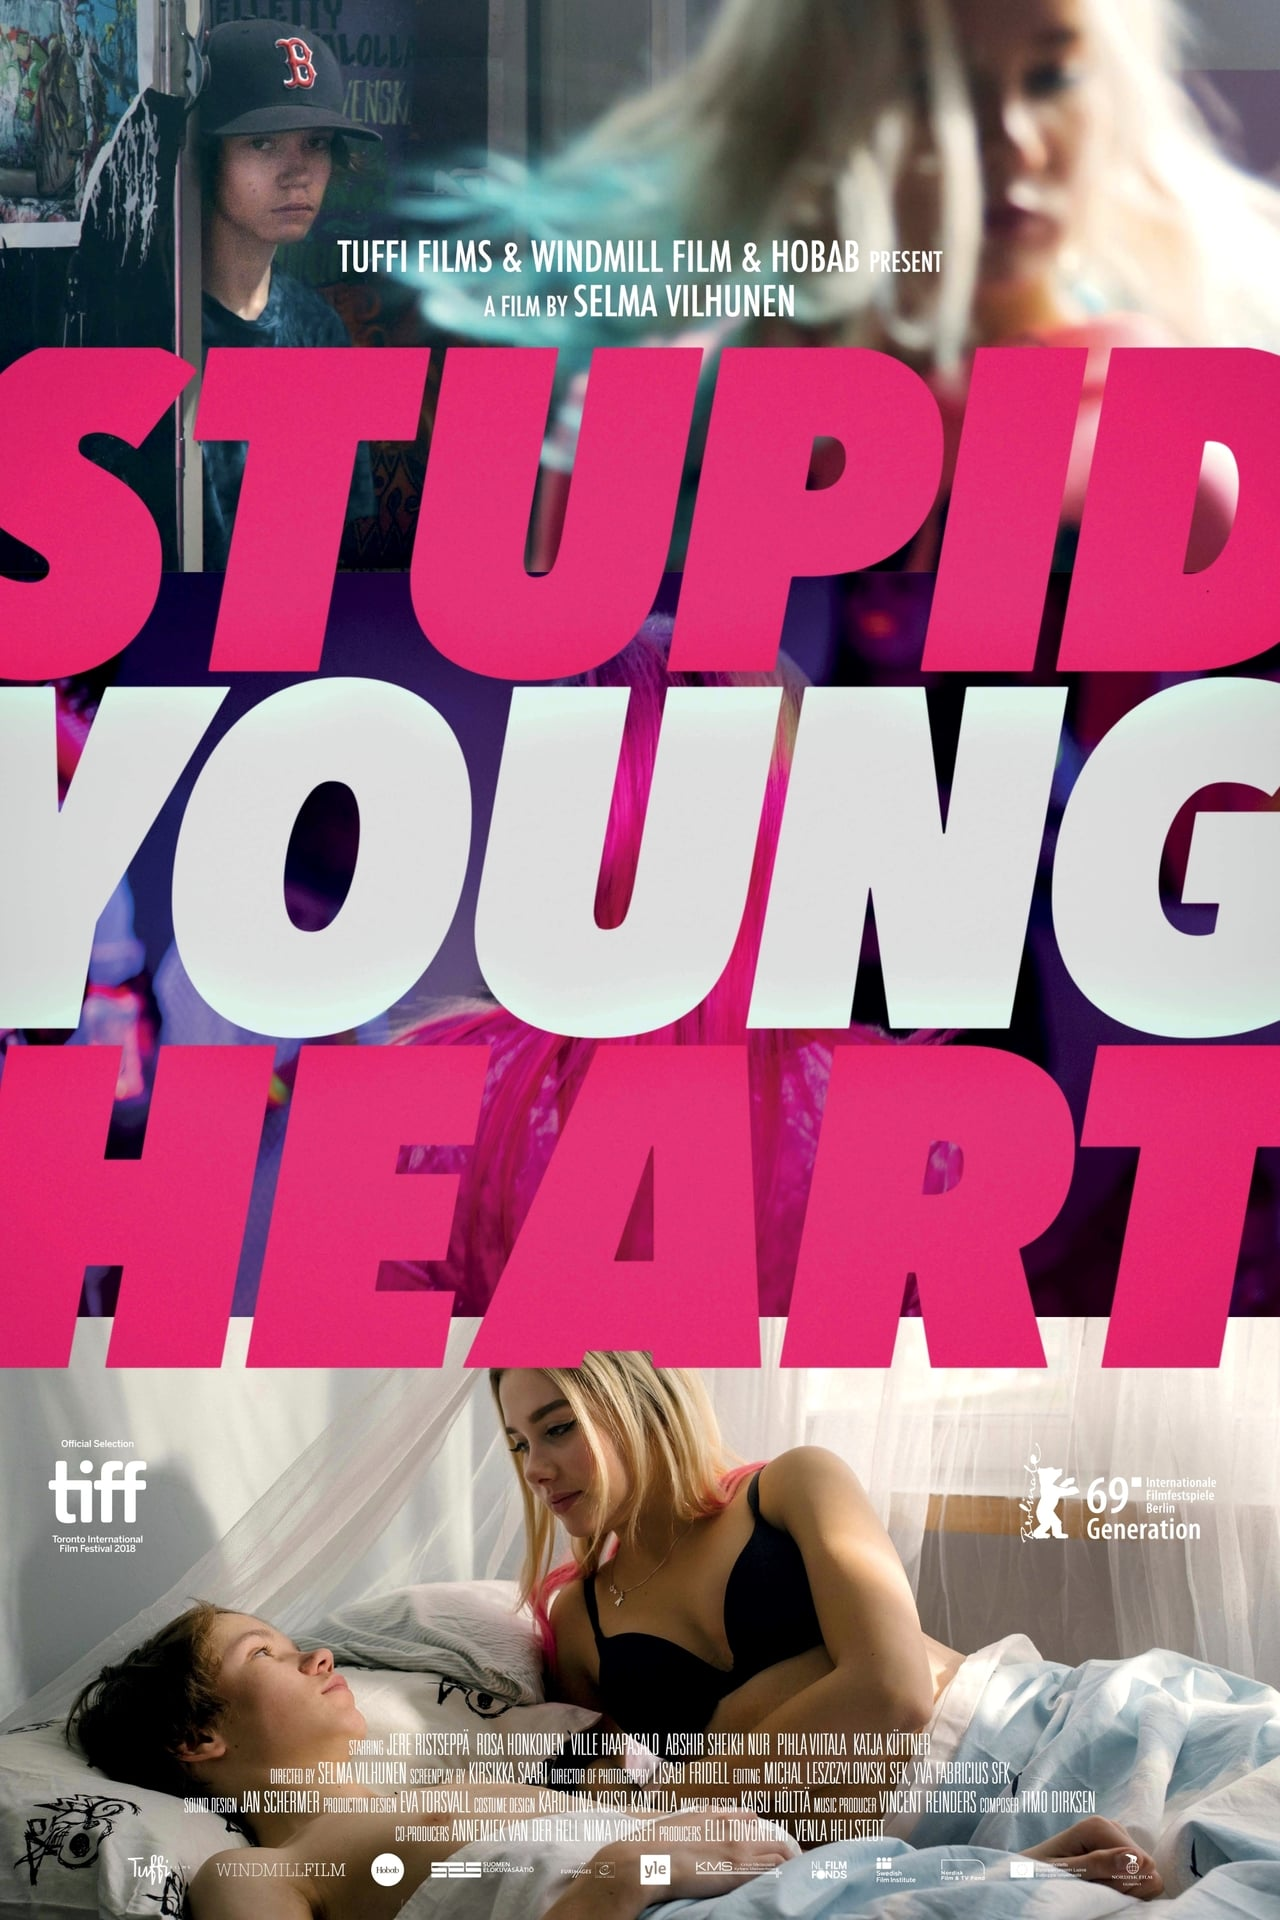 Stupid Young Heart Titulky 6 Použitelné Titulky